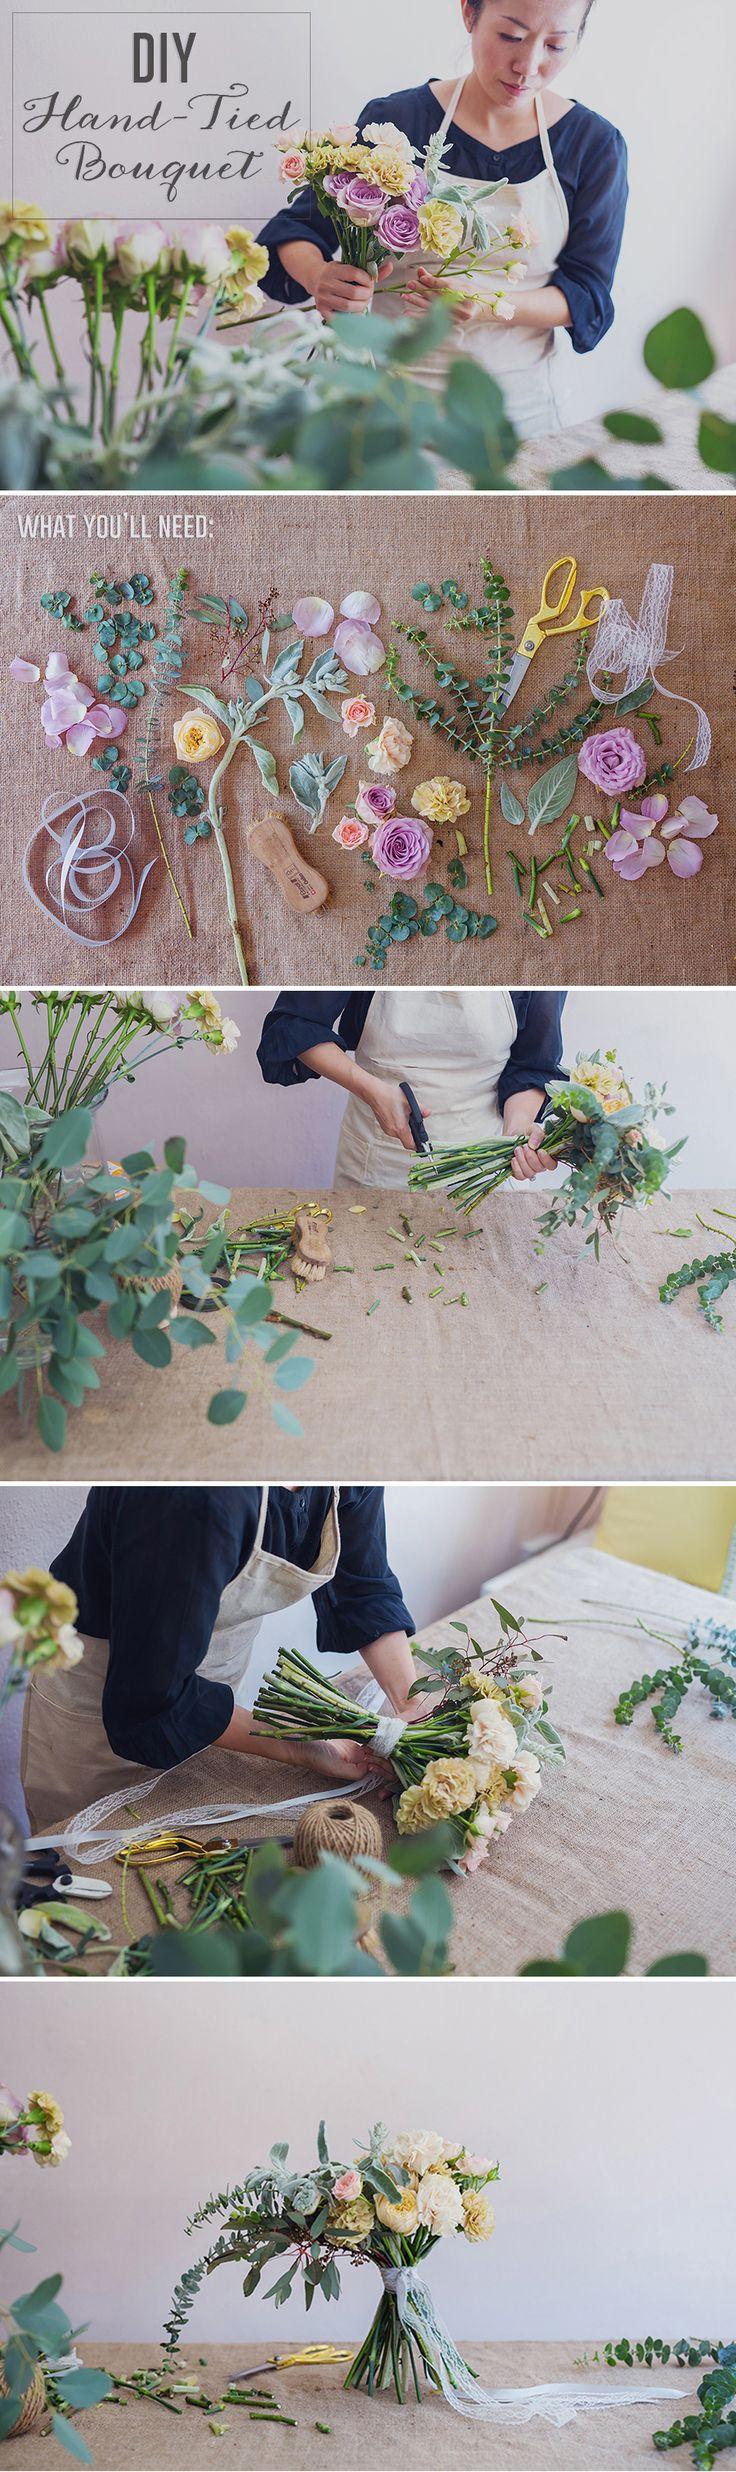 DIY Rustic Hand-Tied Bridal Bouquet {Instagram: theweddingscoop}